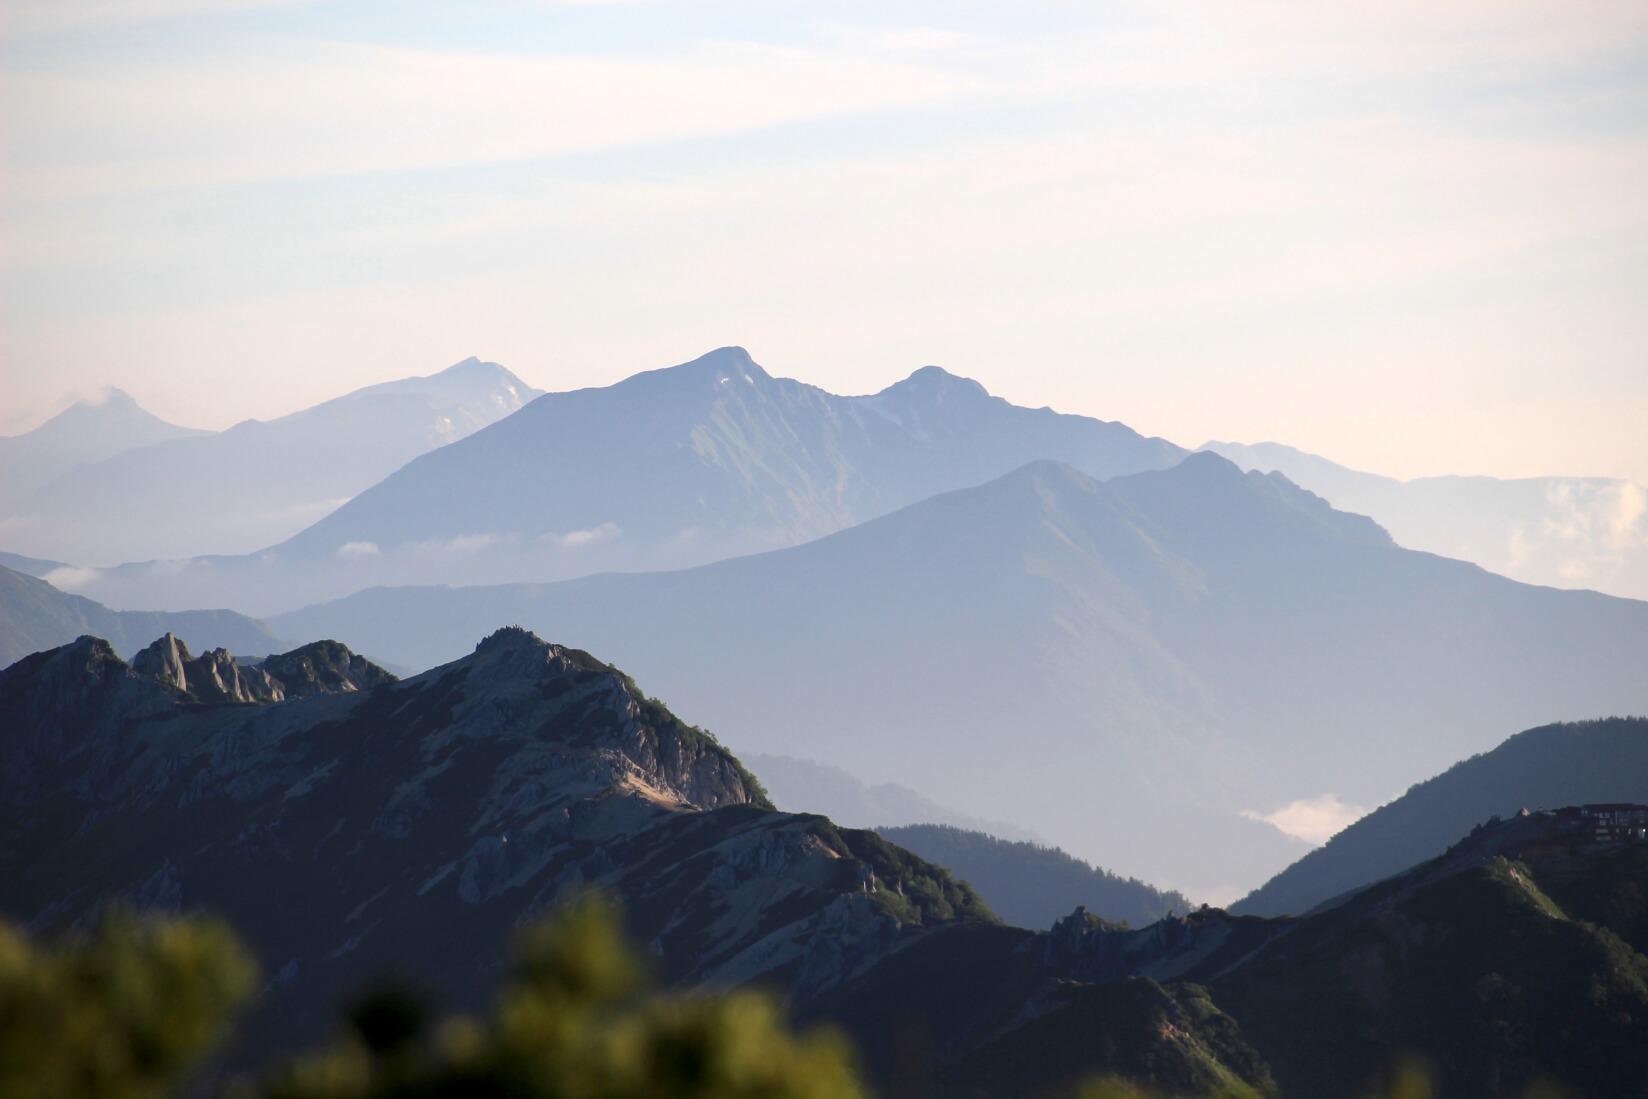 表銀座の稜線より鹿島槍ヶ岳